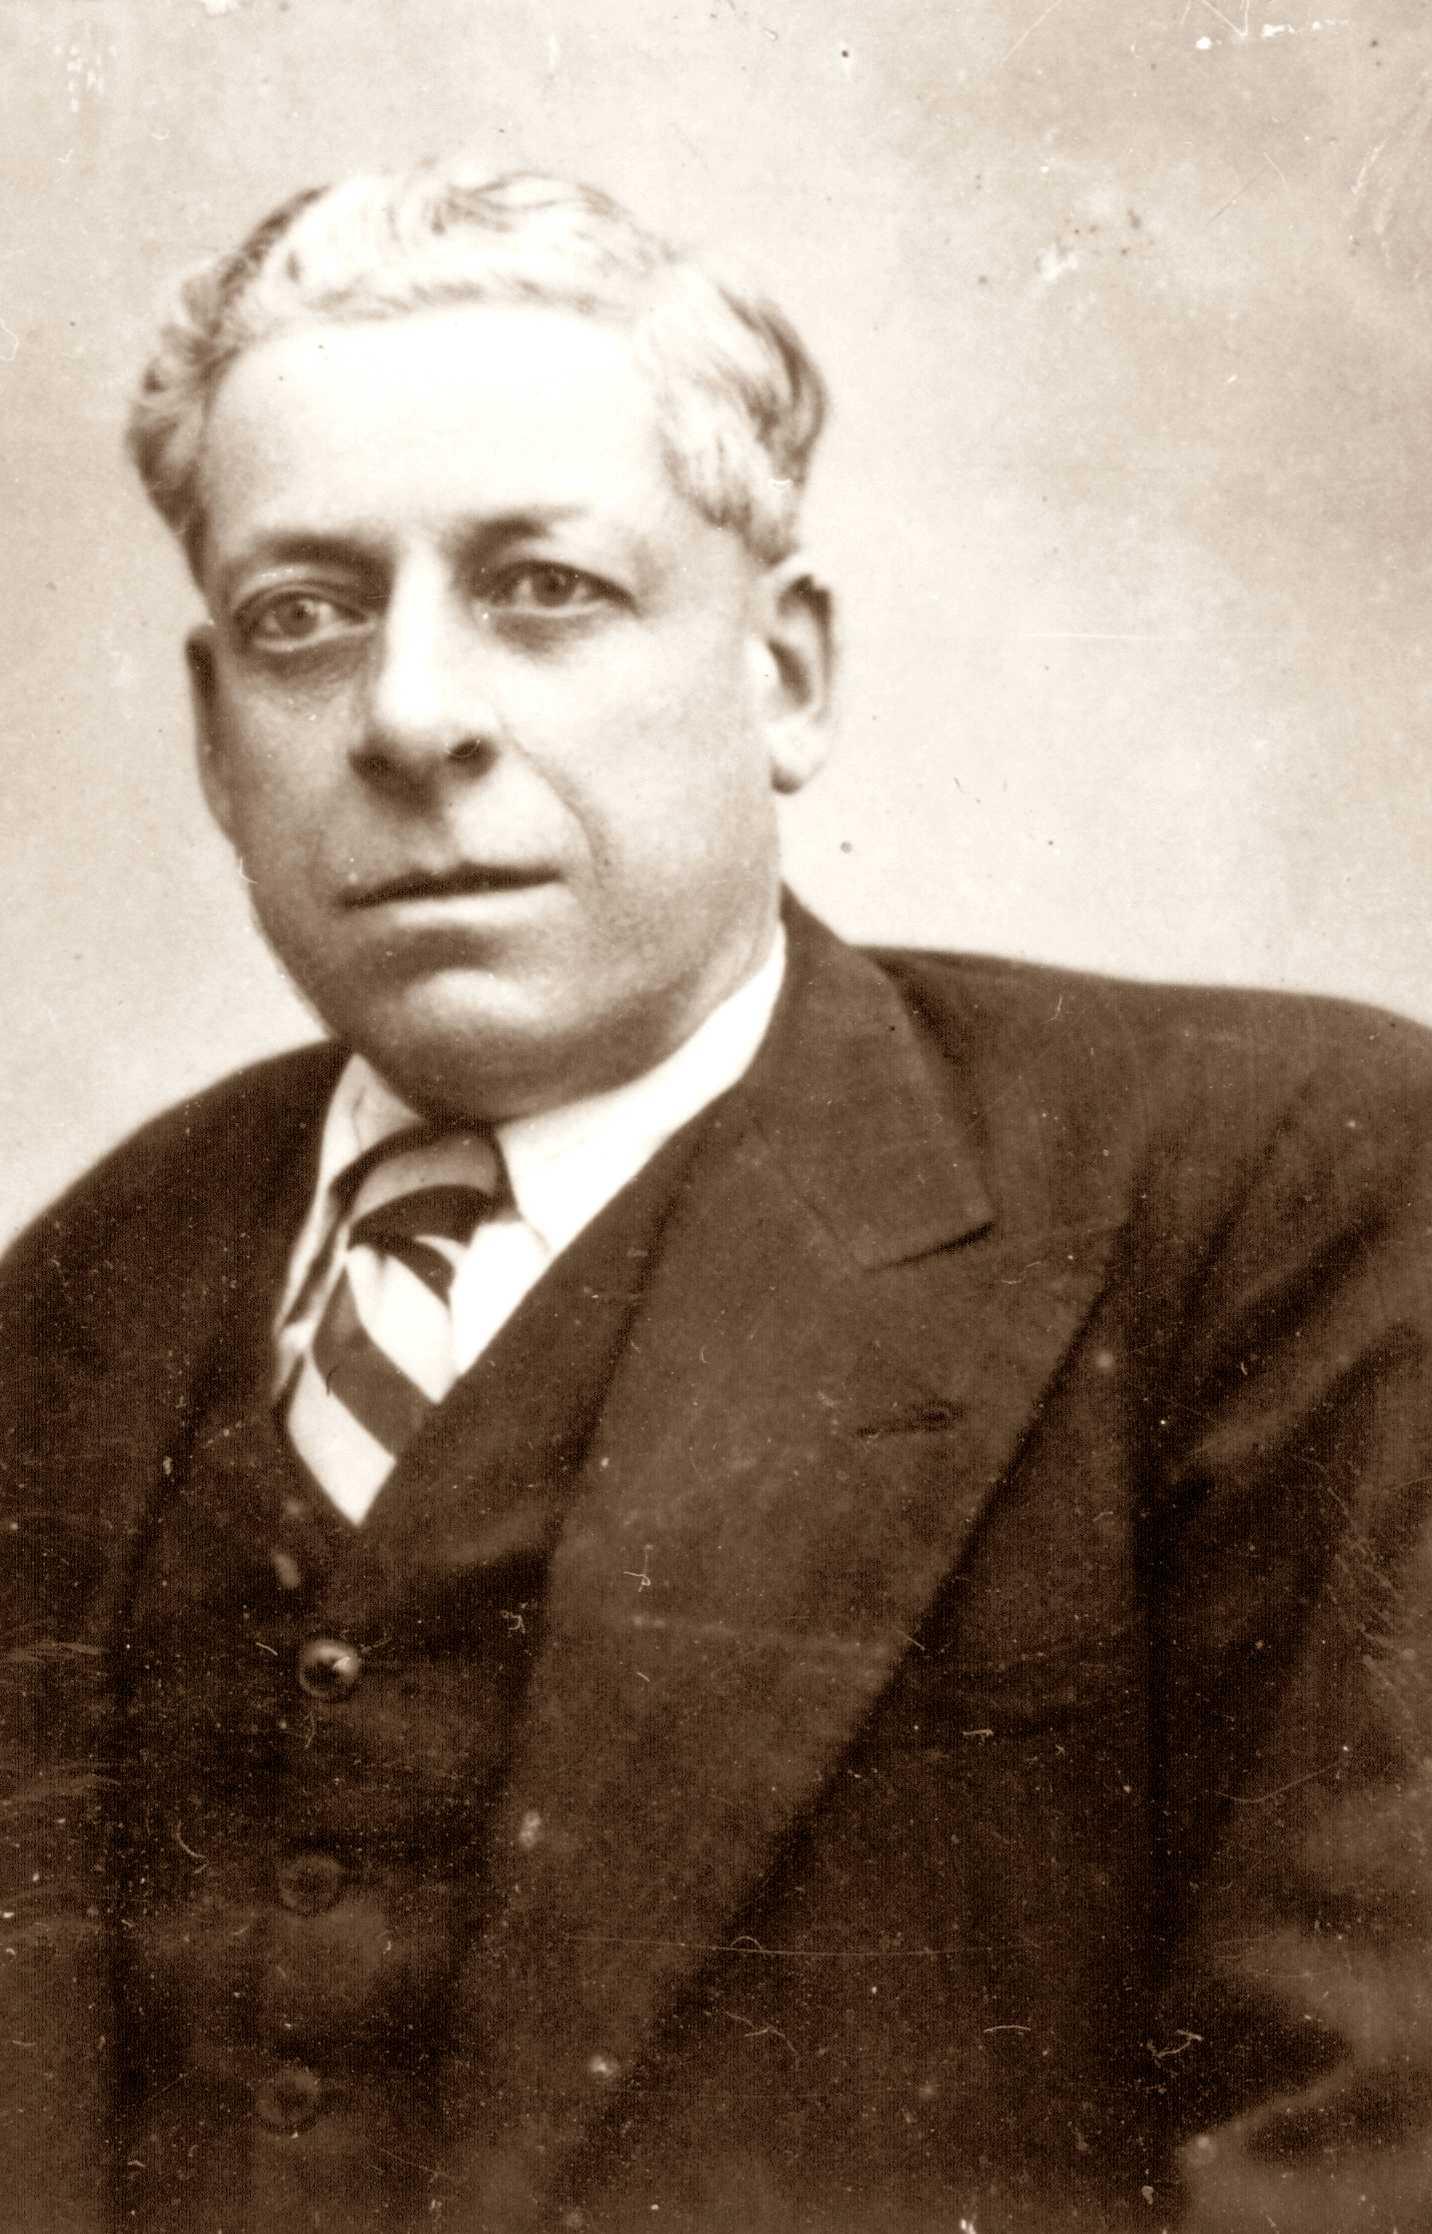 Clemente Vieira dos Santos